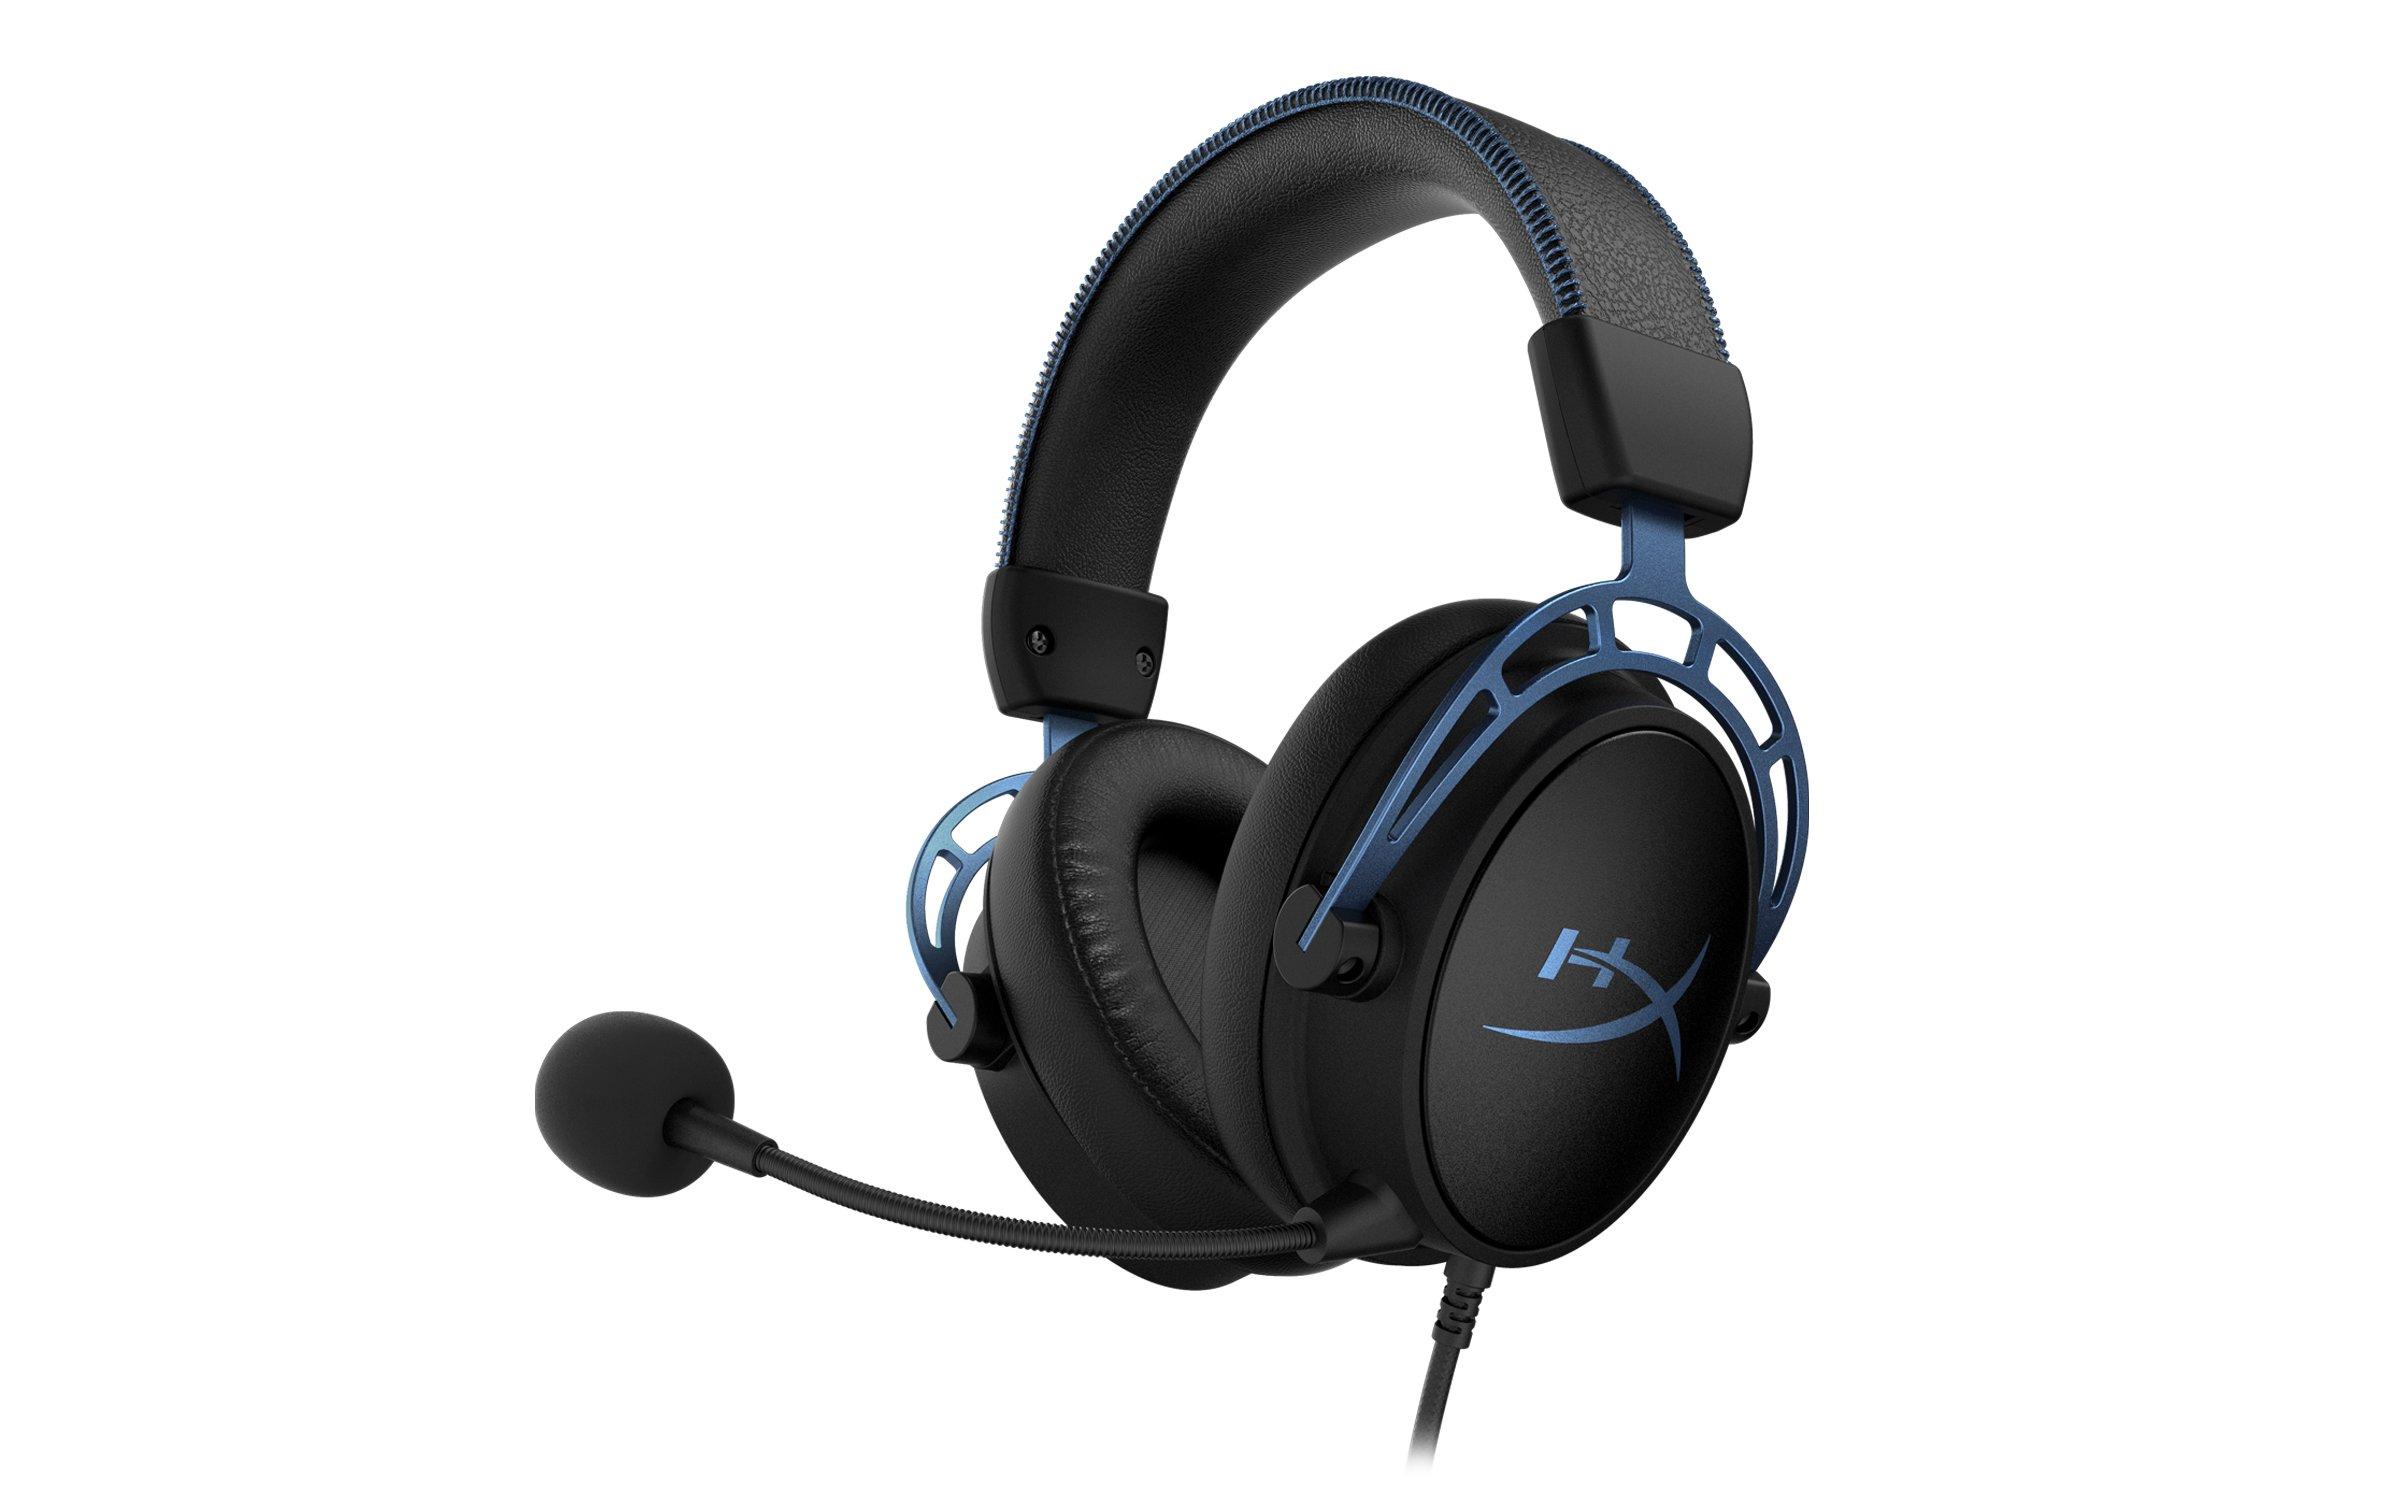 HyperX pręży muskuły na Gamescomie. Nowe pamięci, słuchawki i akcesoria 23